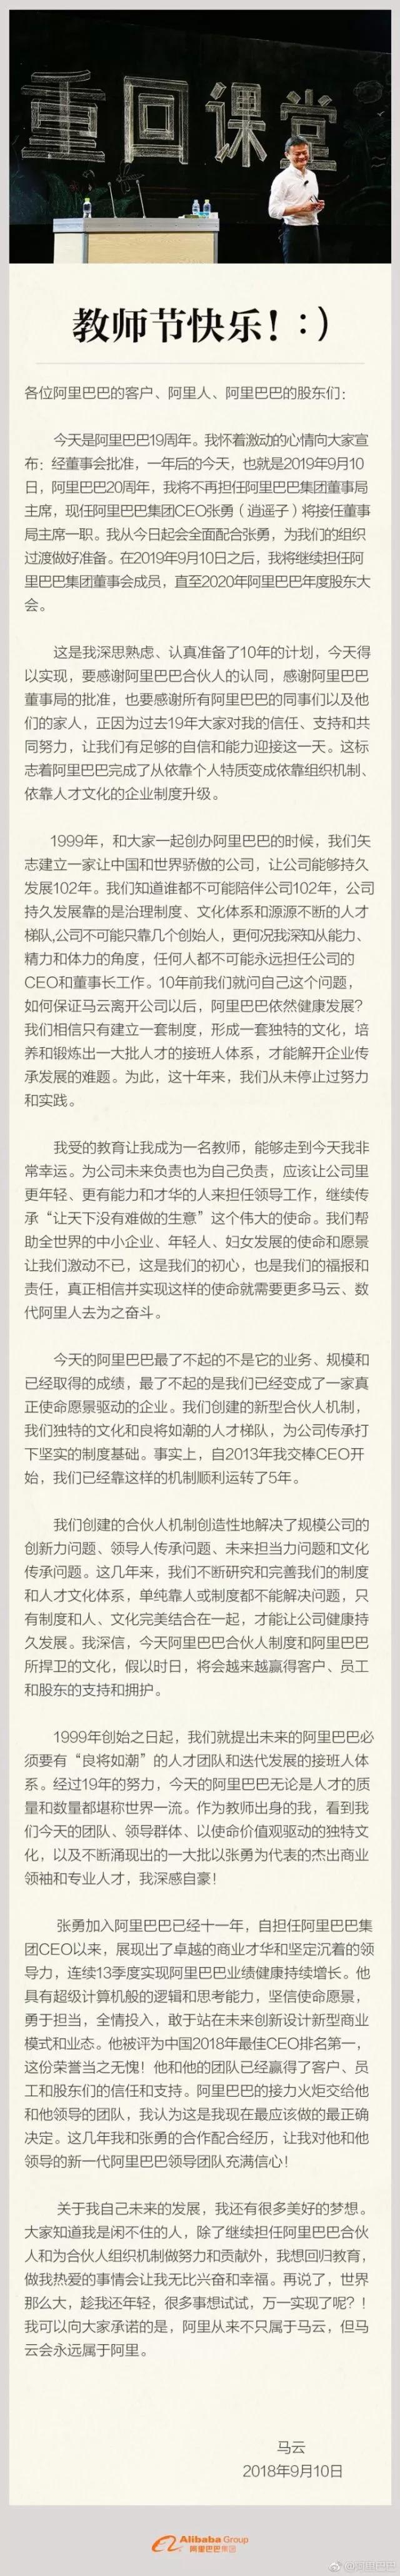 马云9月退休进军教育行业,震惊世界!